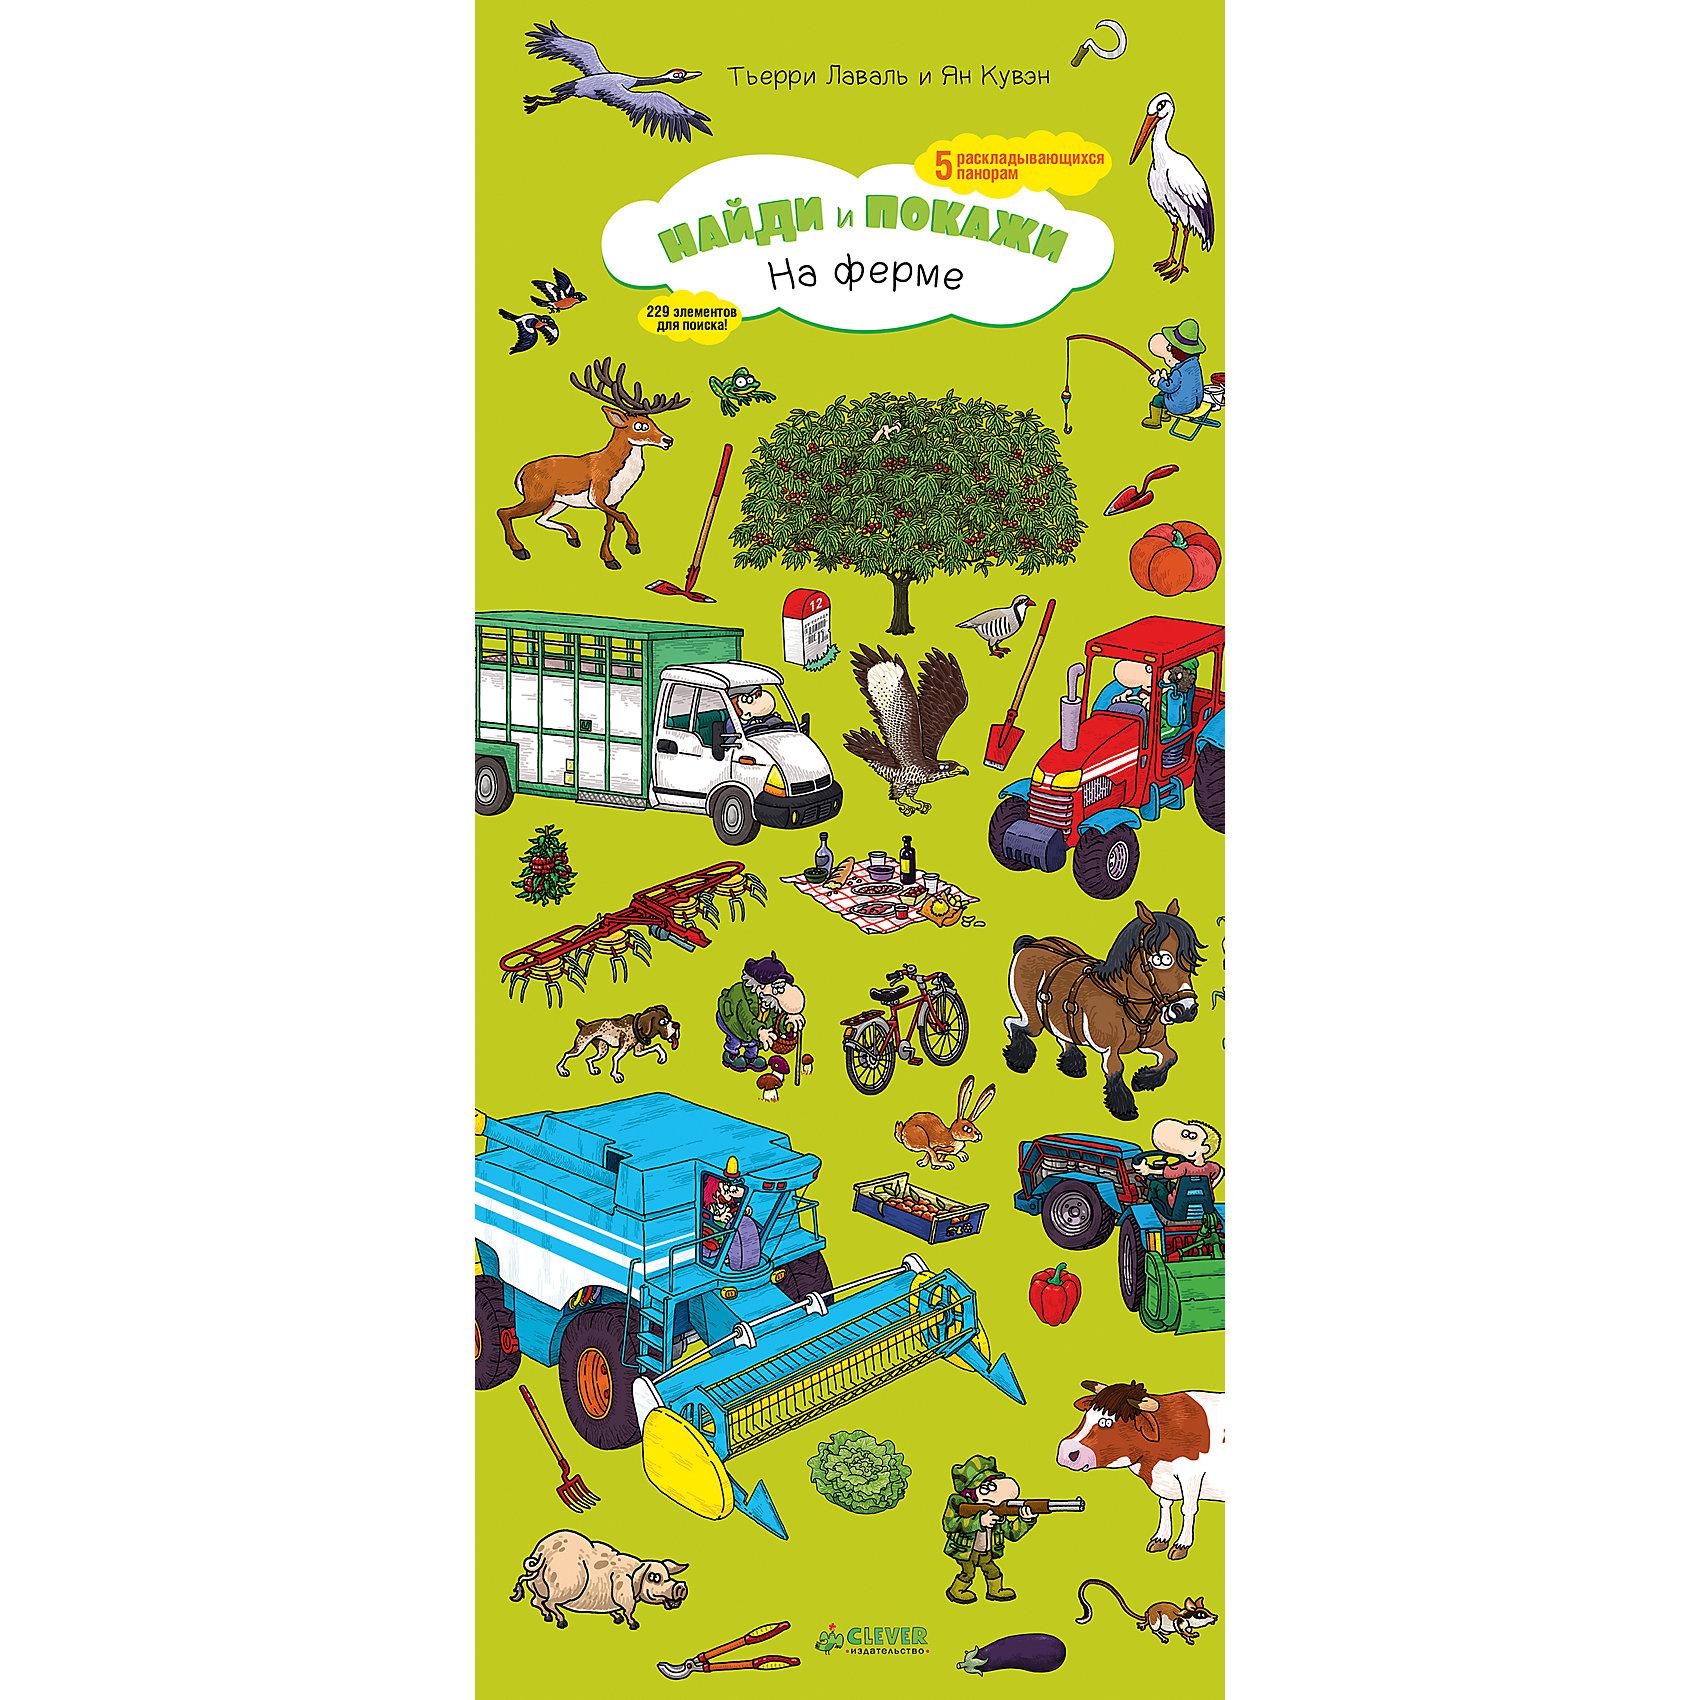 Найди и покажи На ферме, Т. ЛавальПодготовка к школе<br>Найди и покажи На ферме, Т. Лаваль<br><br>Характеристики:<br><br>• ISBN: 978-5-906856-96-8<br>• Кол-во страниц:10<br>• Возраст: от 1 до 3 лет <br>• Формат: а5<br>• Размер книги: 377x167x14 мм<br>• Бумага: картон<br>• Вес: 701 г<br>• Обложка: твердая<br><br>С помощью этой книги ваш ребенок сможет перенестись на оживленную ферму, не выходя из дома. На каждой странице можно любоваться красочными картинками, искать предметы и изучать окружающий нас мир. Эта книга прекрасно подходи для детей в возрасте от года и до трех лет. Иллюстрации с крупными элементами, короткие интересные истории и предметы для поиска – это то, что позволяет не только развить речь, но и усидчивость и внимательность вашего ребенка.<br><br>Найди и покажи На ферме, Т. Лаваль можно купить в нашем интернет-магазине.<br><br>Ширина мм: 376<br>Глубина мм: 165<br>Высота мм: 15<br>Вес г: 701<br>Возраст от месяцев: 48<br>Возраст до месяцев: 72<br>Пол: Унисекс<br>Возраст: Детский<br>SKU: 5377806